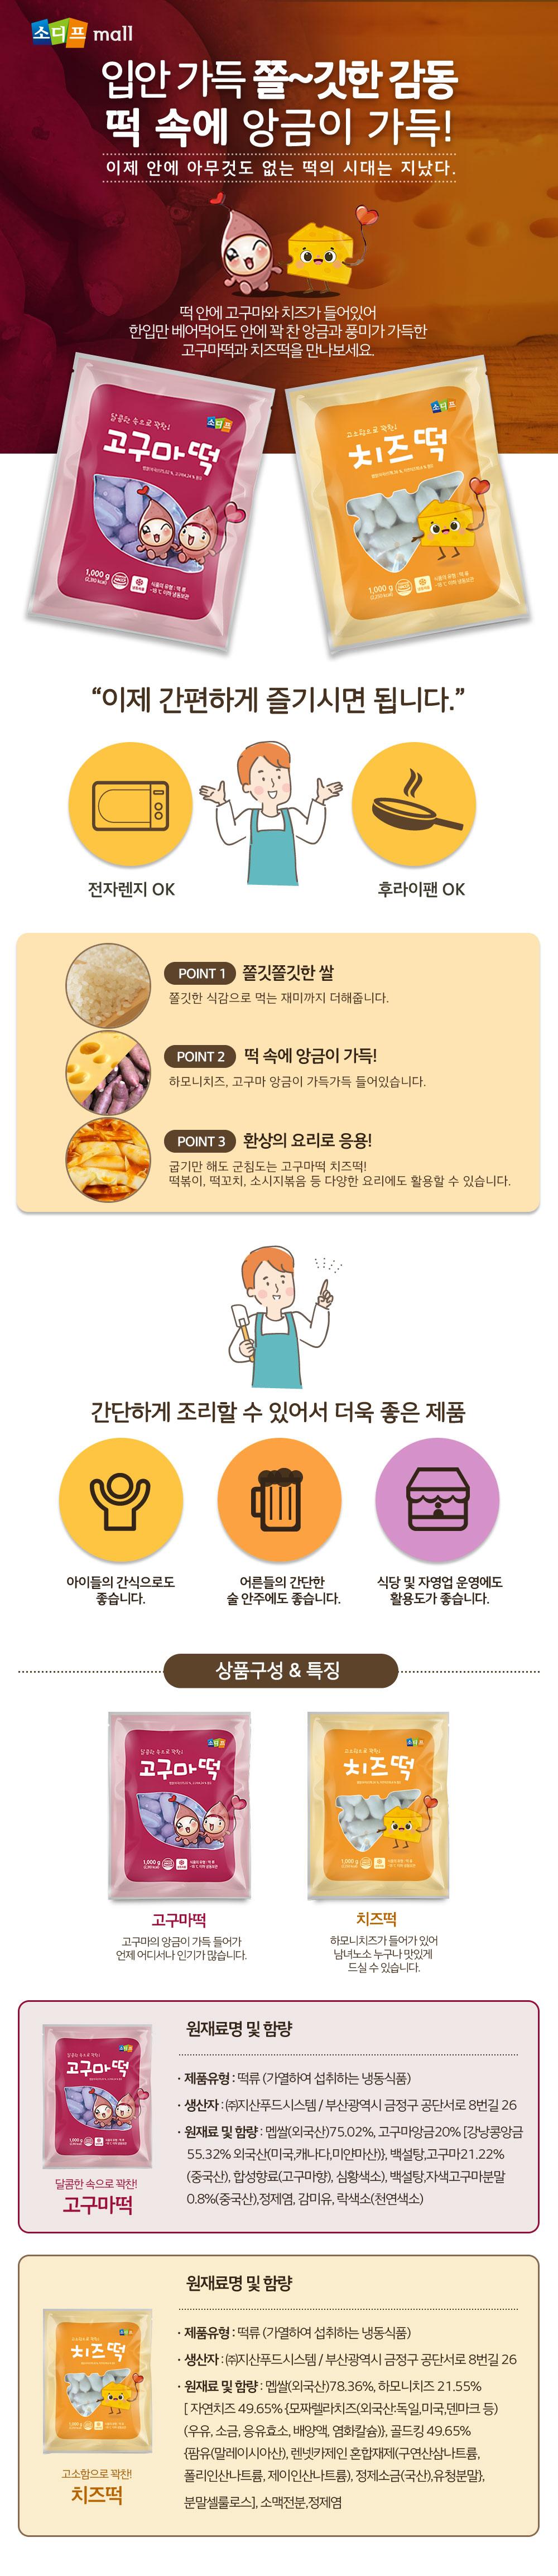 고구마-치즈떡_01.jpg